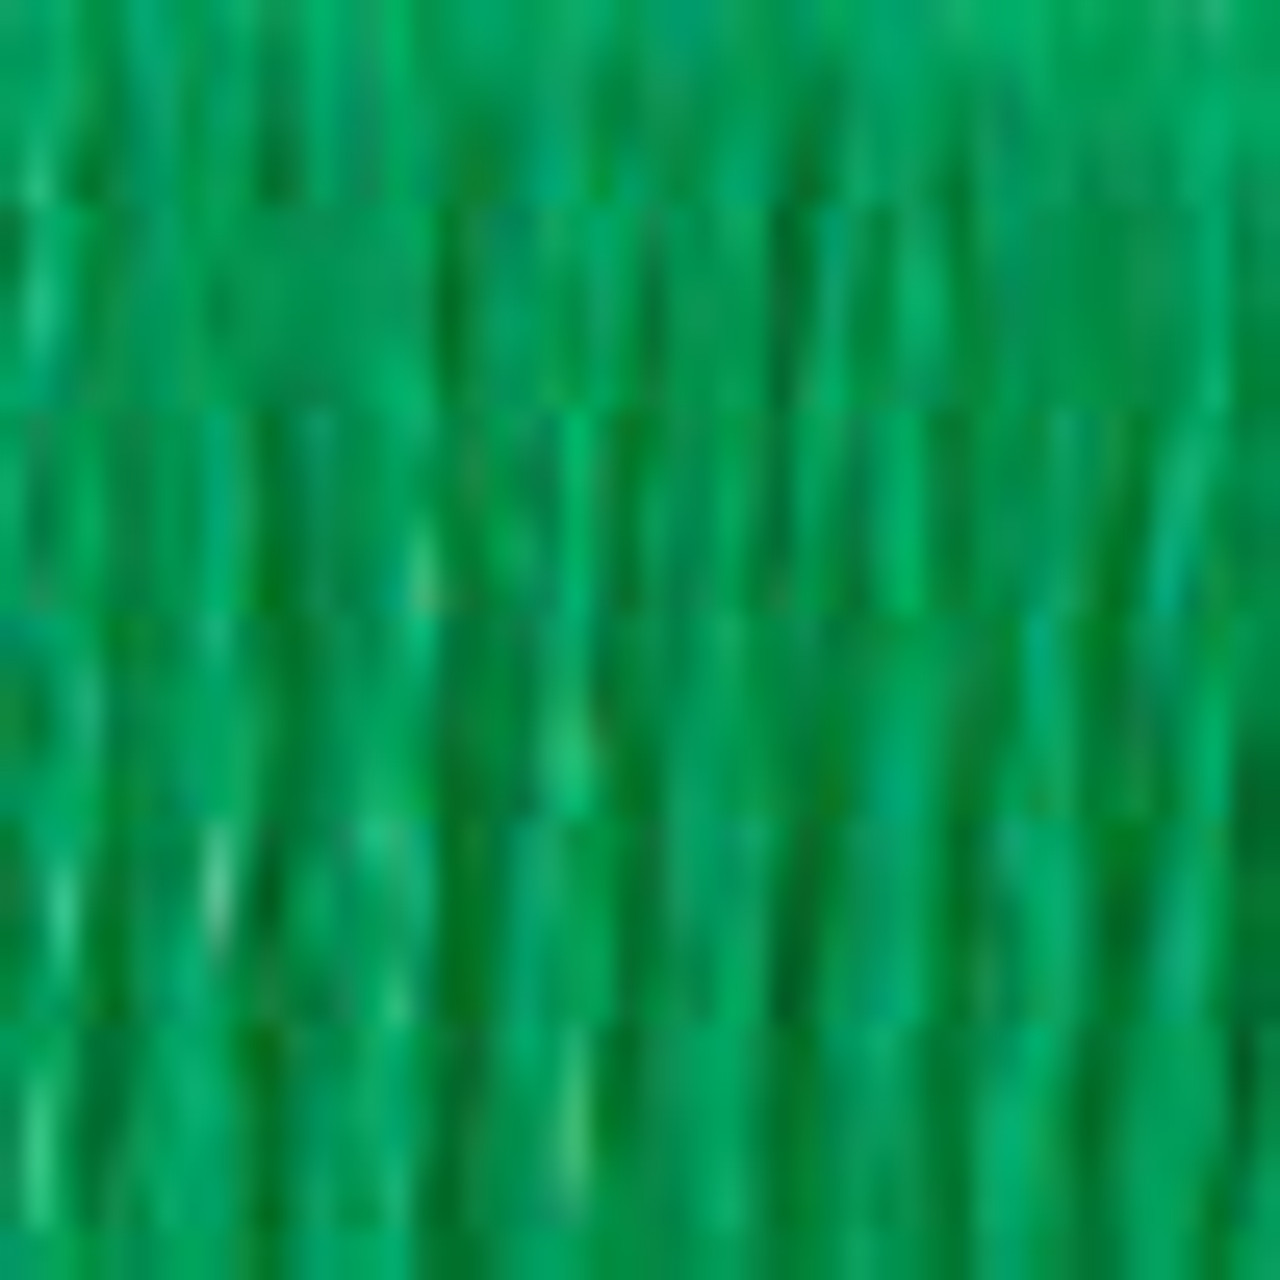 DMC # 701 Light Green Floss / Thread